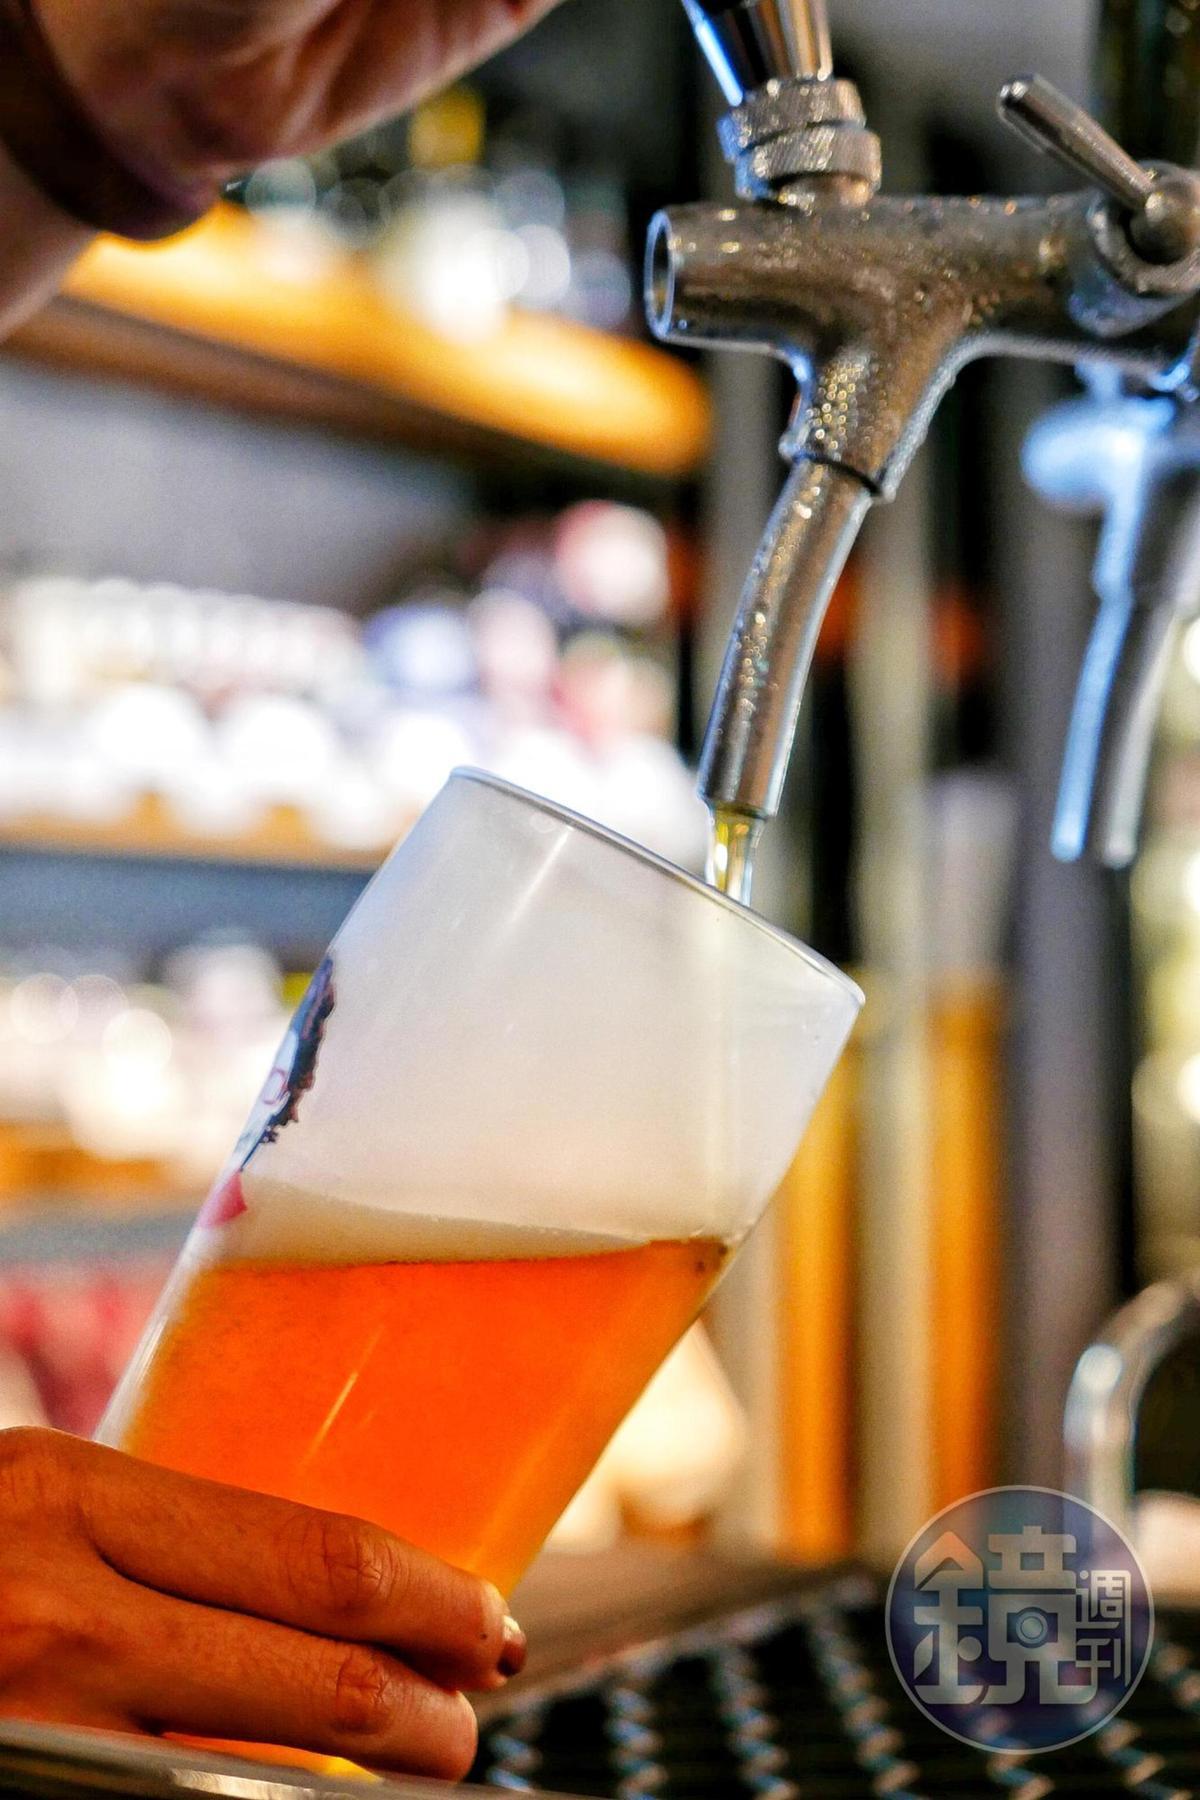 啤酒節期間不論是預購20杯或現場單組客人喝滿20杯,都是直接結帳2,000元,等同每杯約350ml的啤酒只要100元。